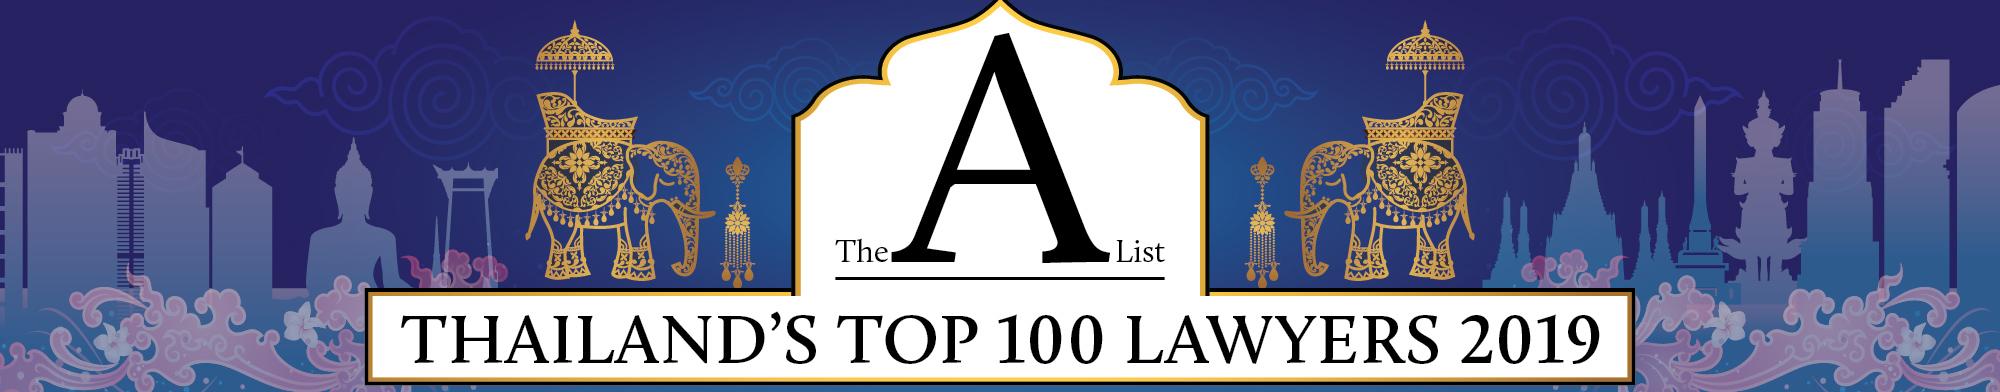 Thai A-List